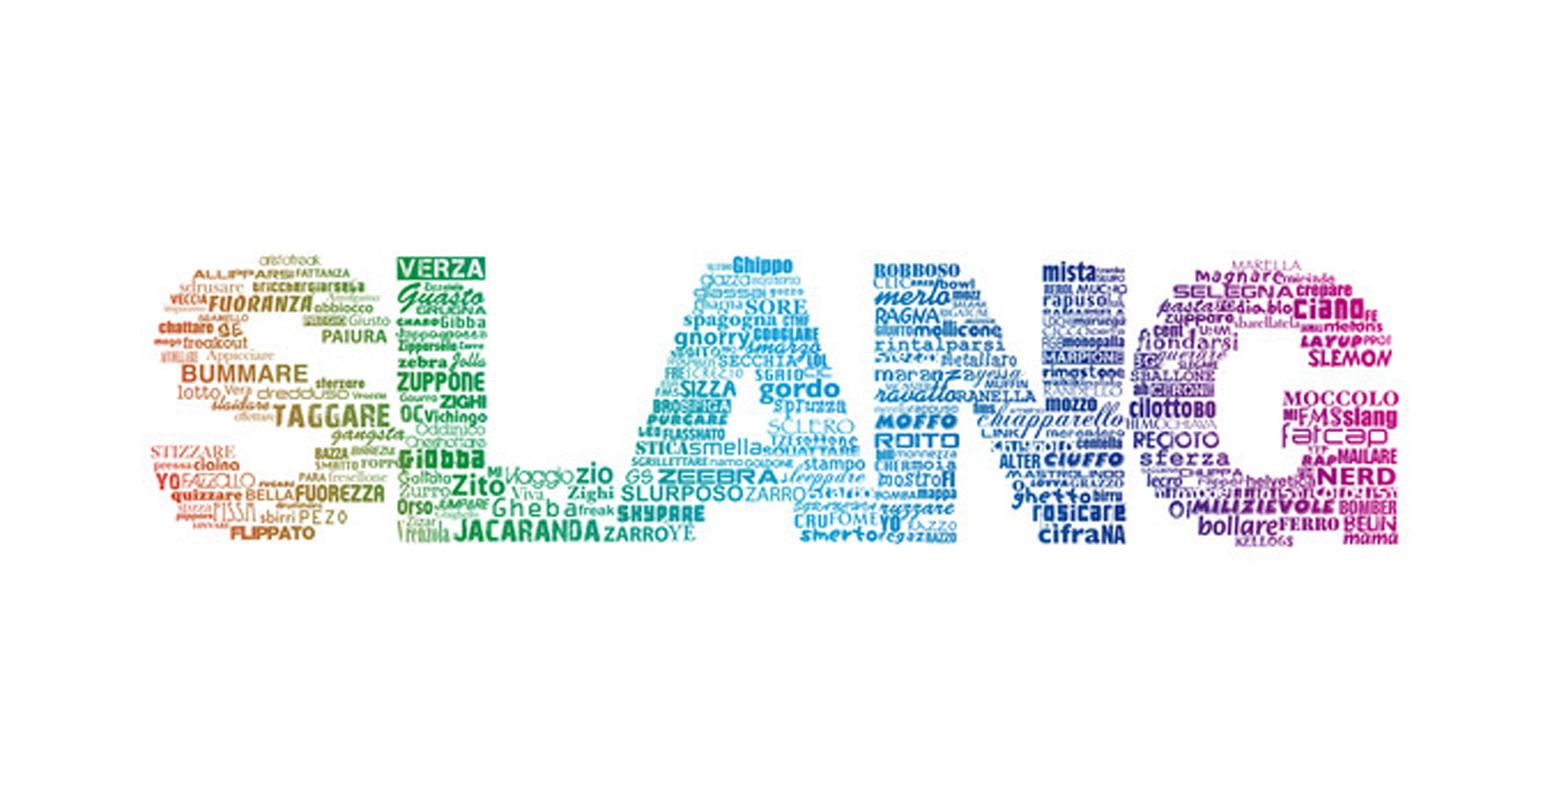 スラングの意味、語源